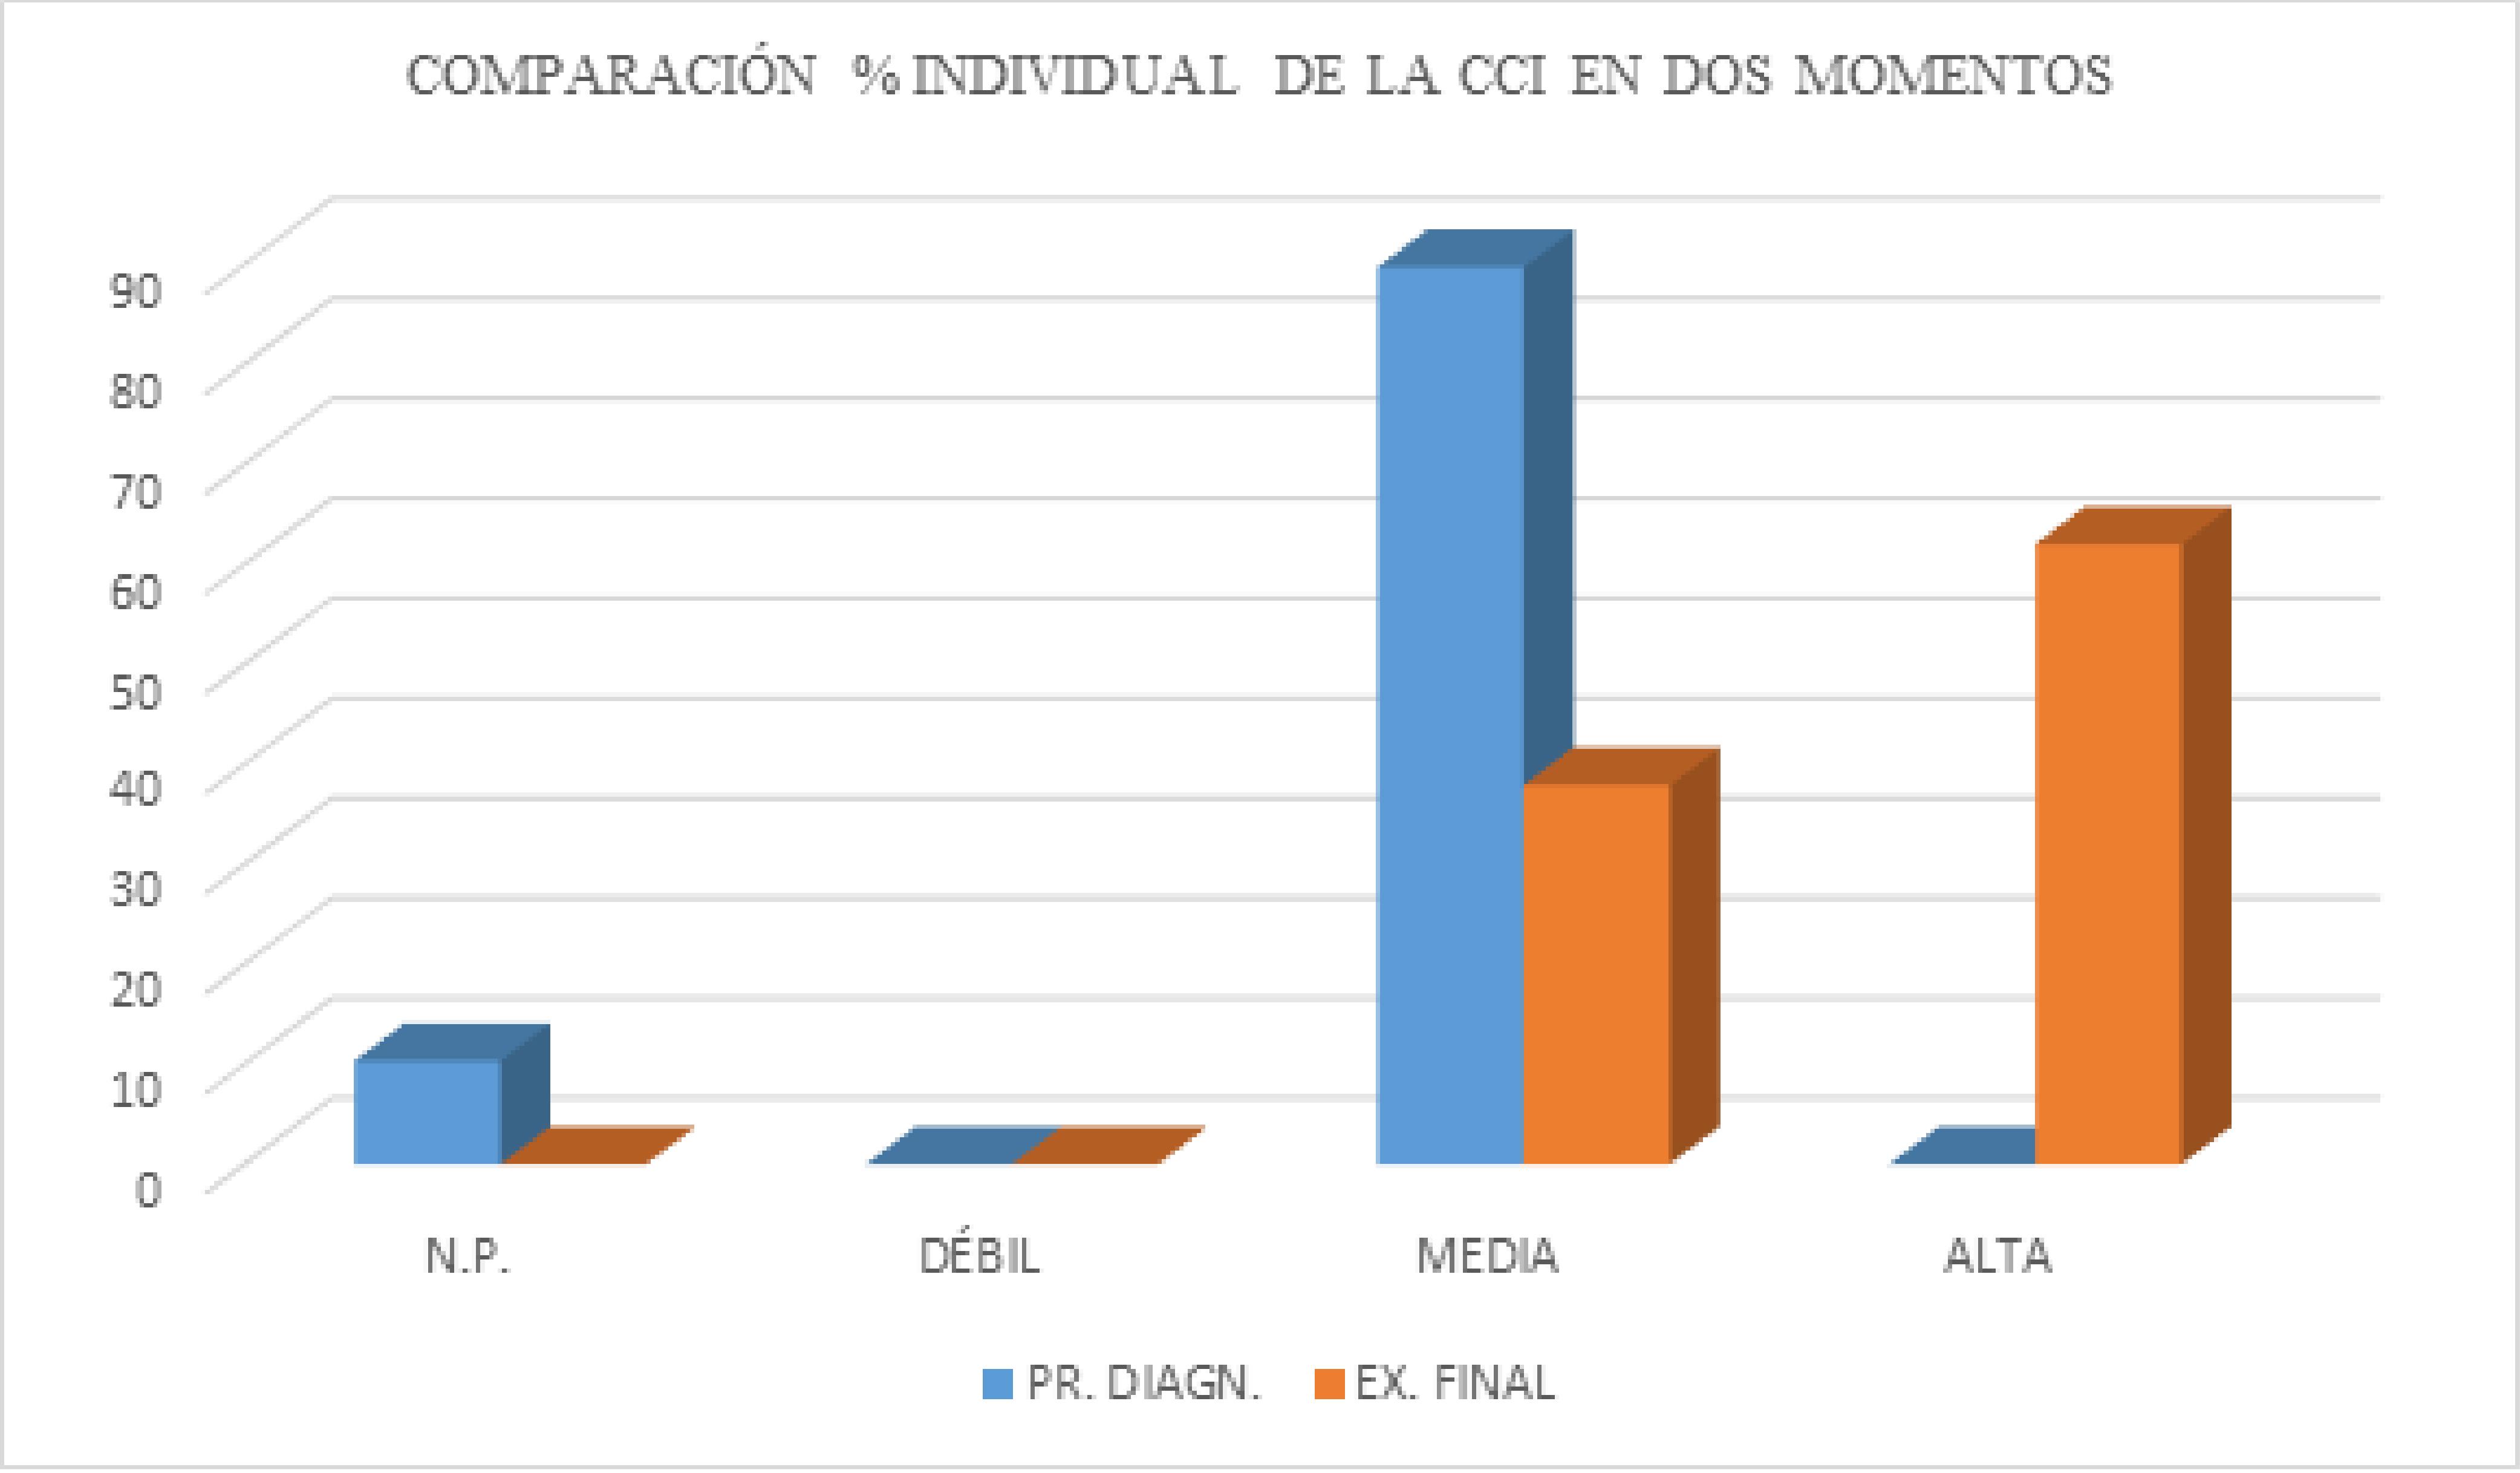 Porcentaje comparativo de resultados individuales de la CCI.